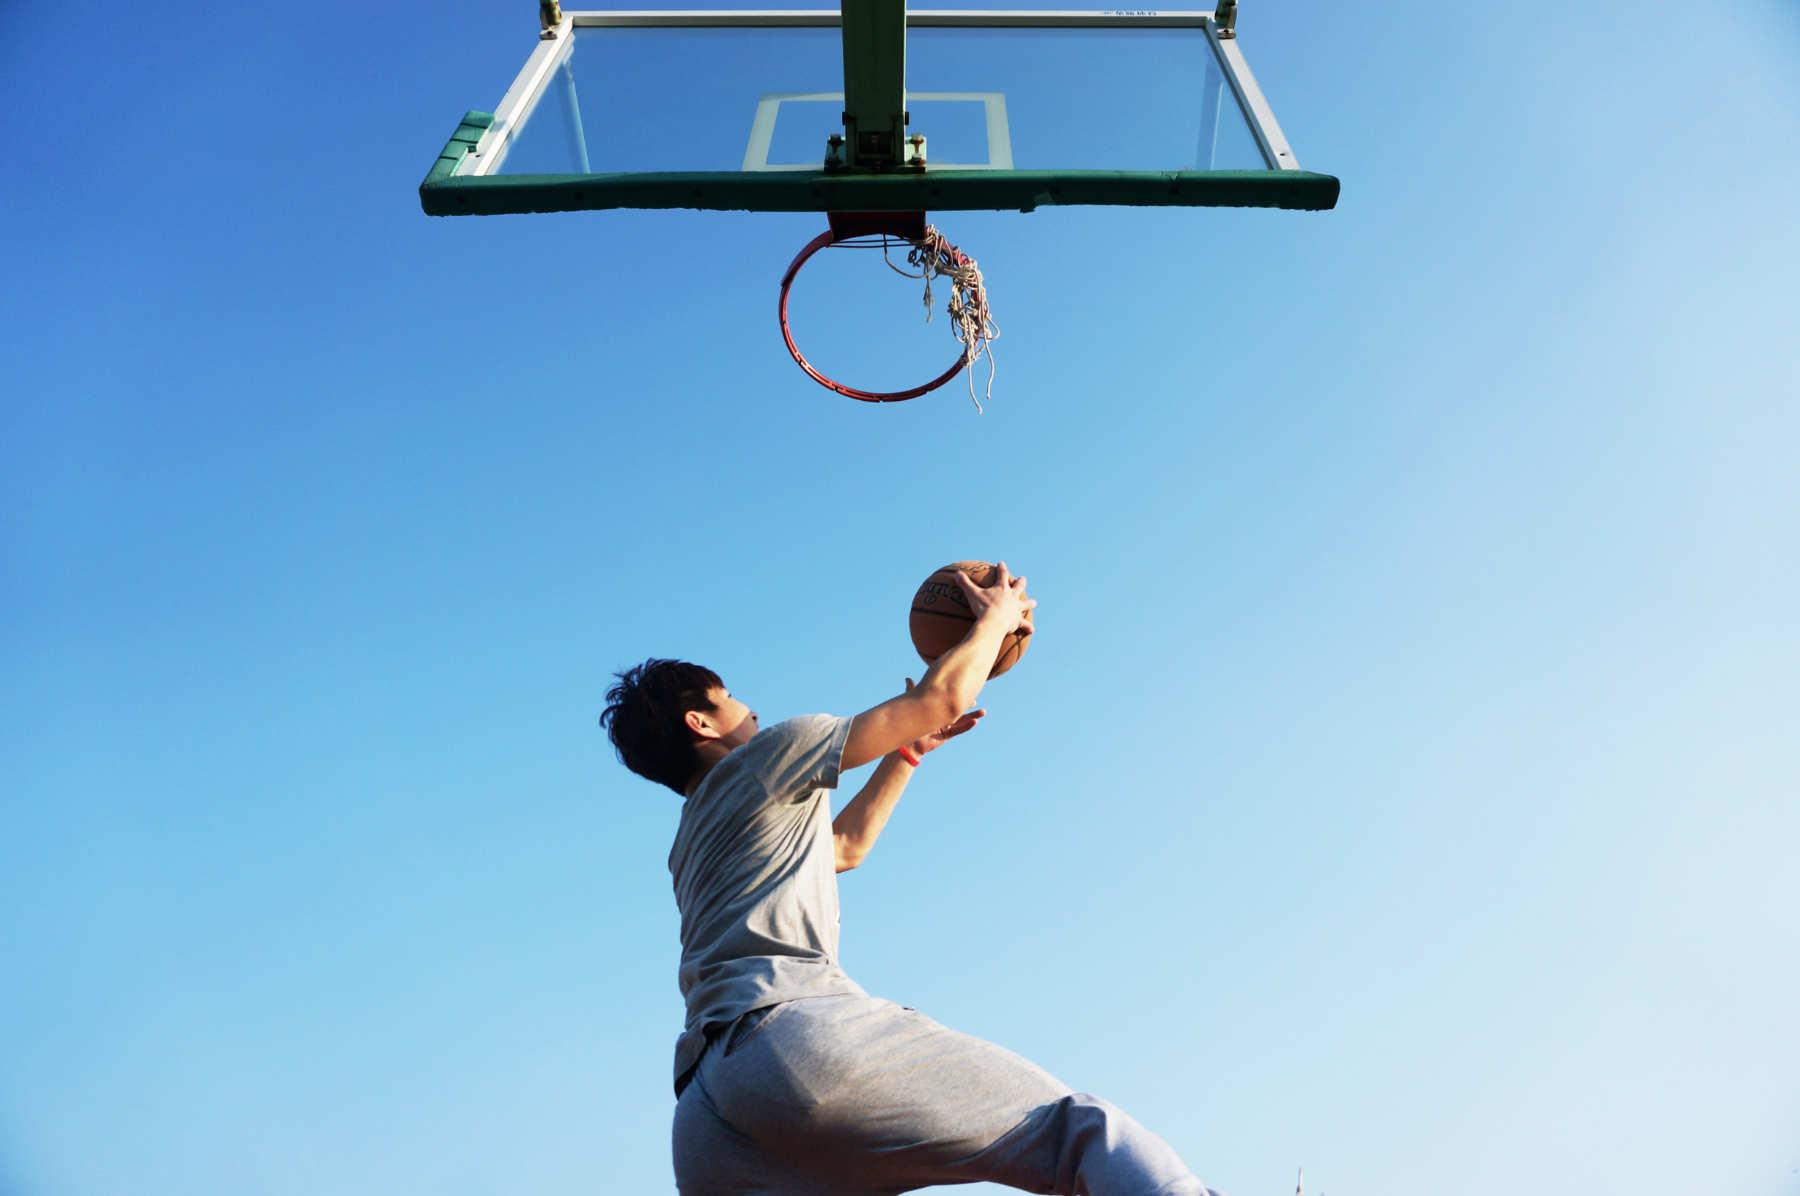 Un exercice approprié avant 65 ans peut effacer les dommages causés par le vieillissement cardiovasculaire